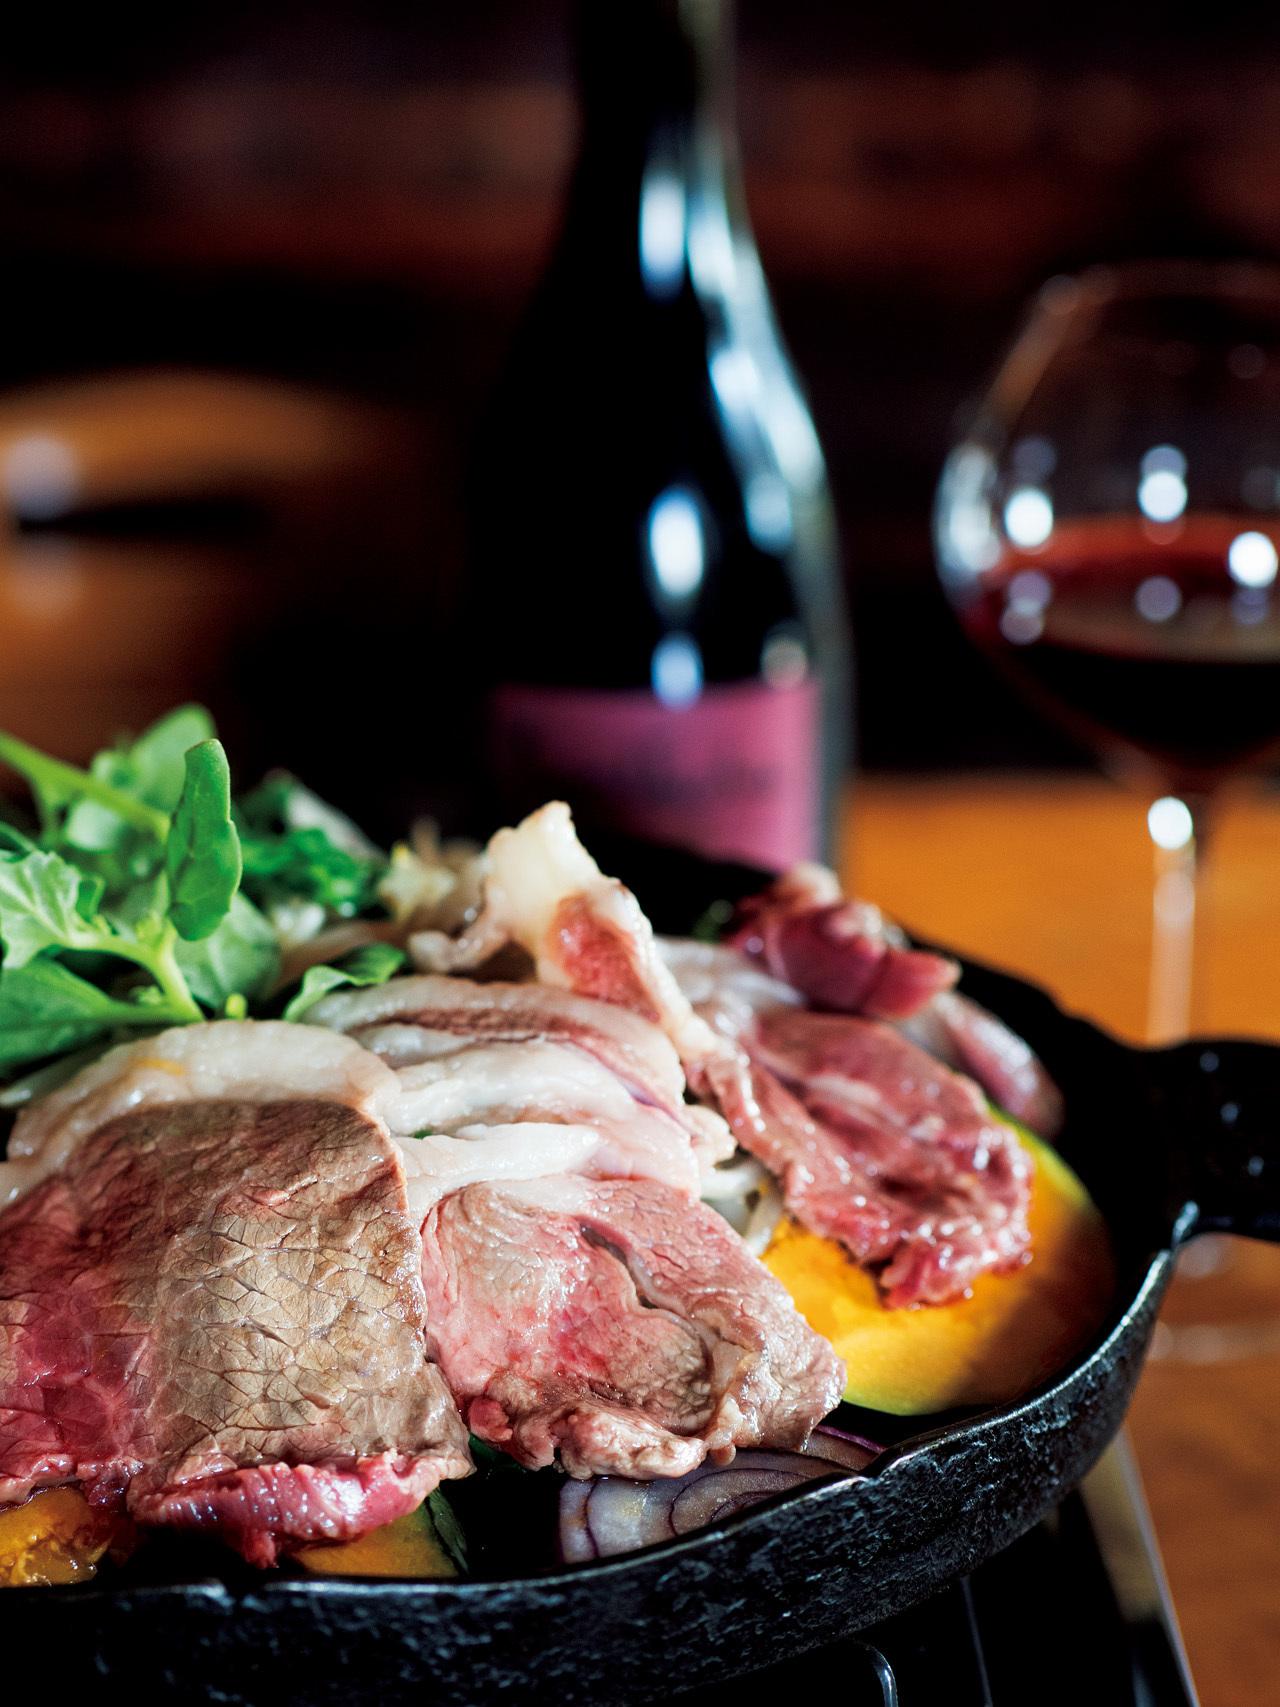 自家栽培の飼料で育てる 羊肉をワインとともに ひつじや_1_1